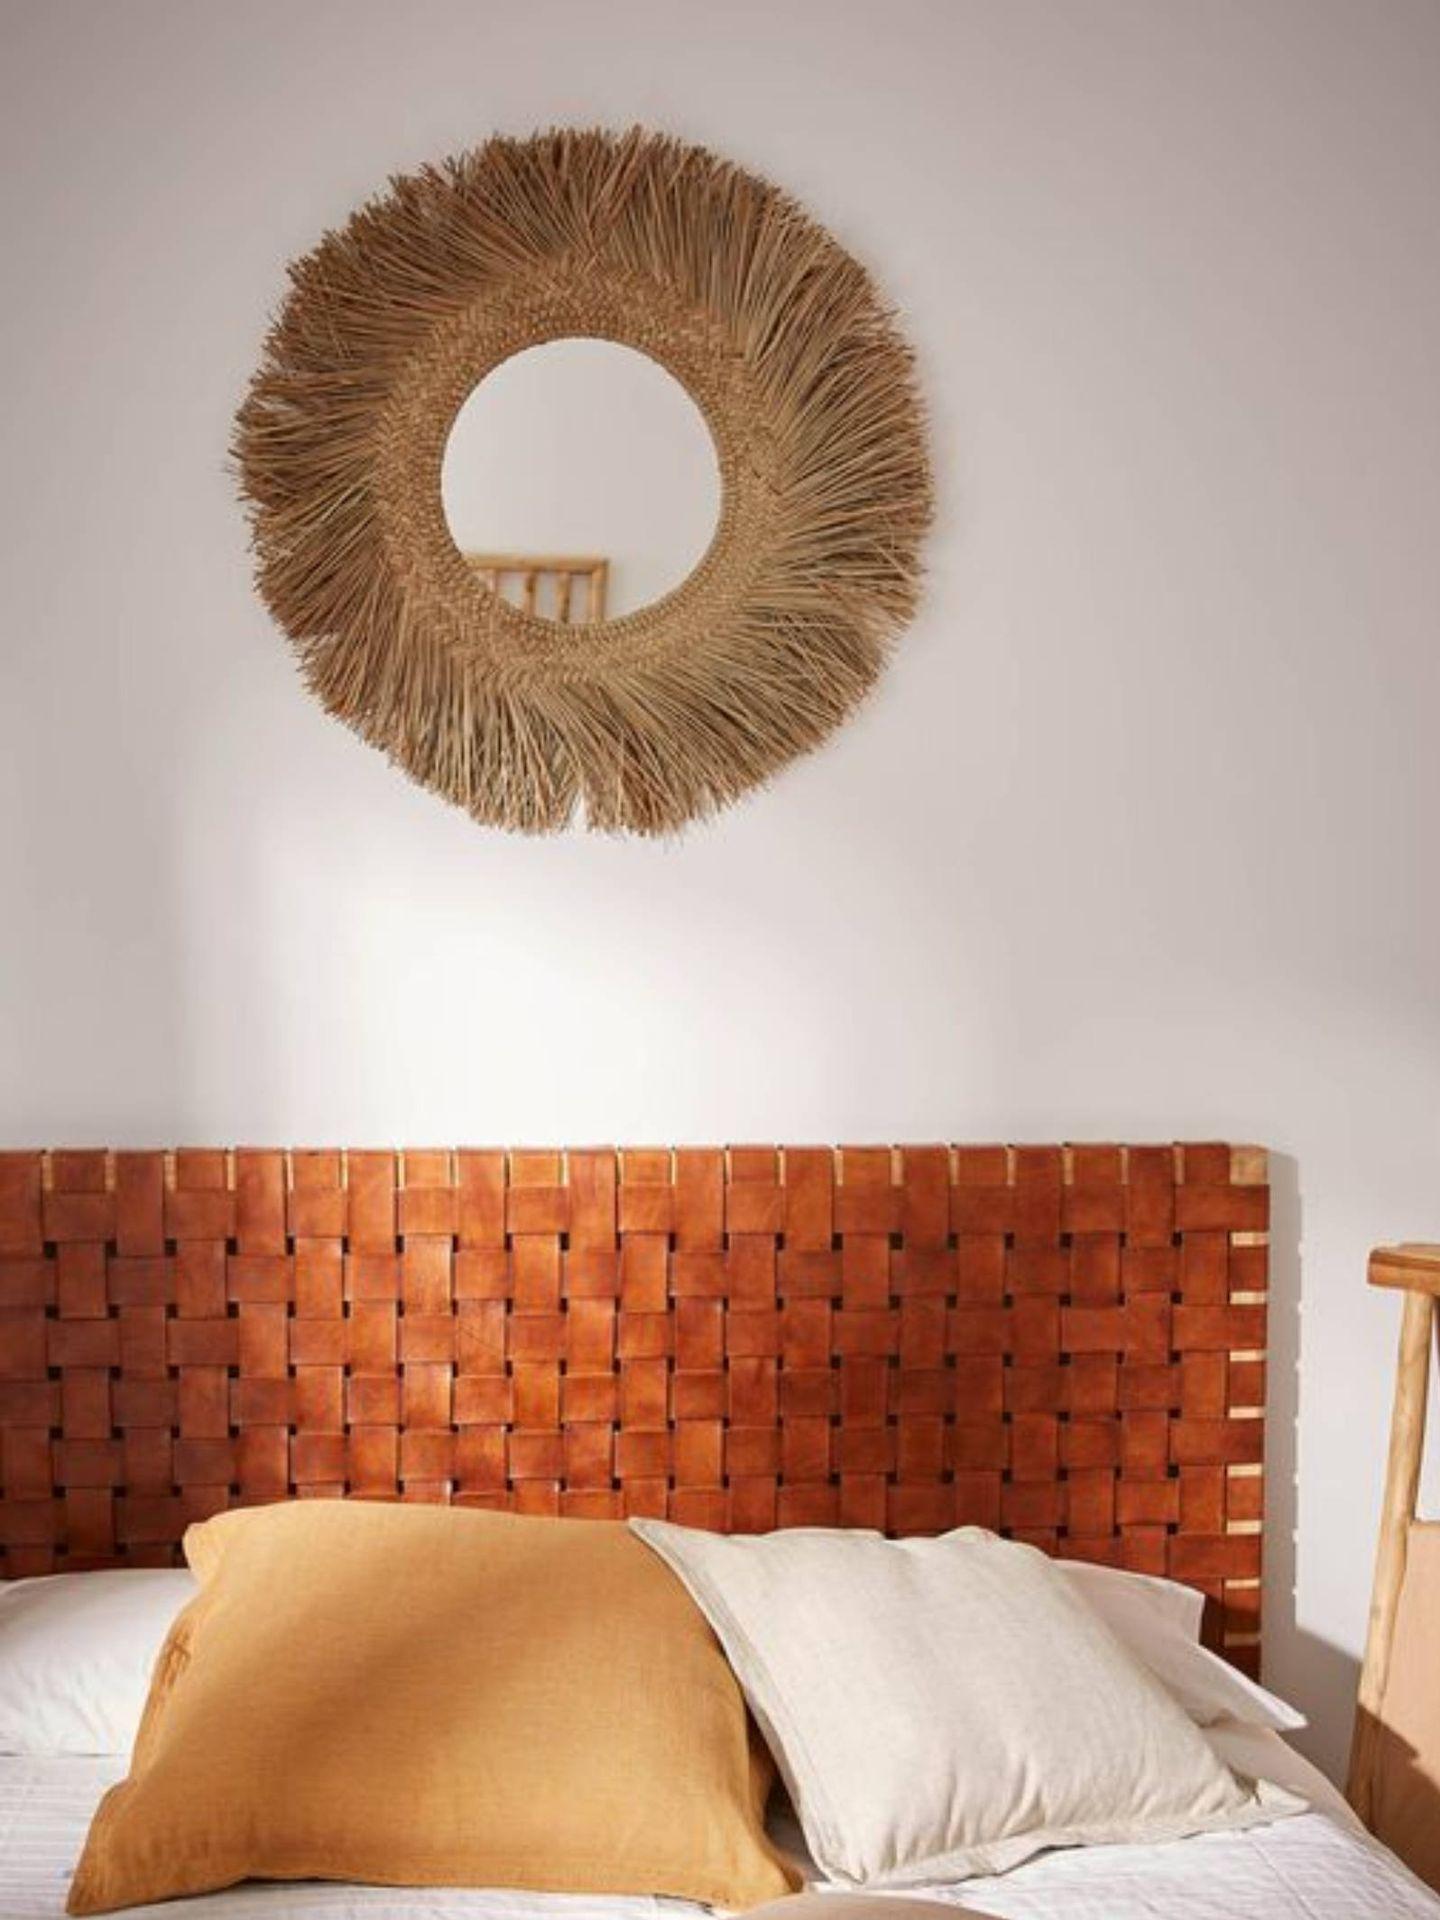 Apuesta por los espejos redondos de fibras naturales como este de Kave Home. (Cortesía)